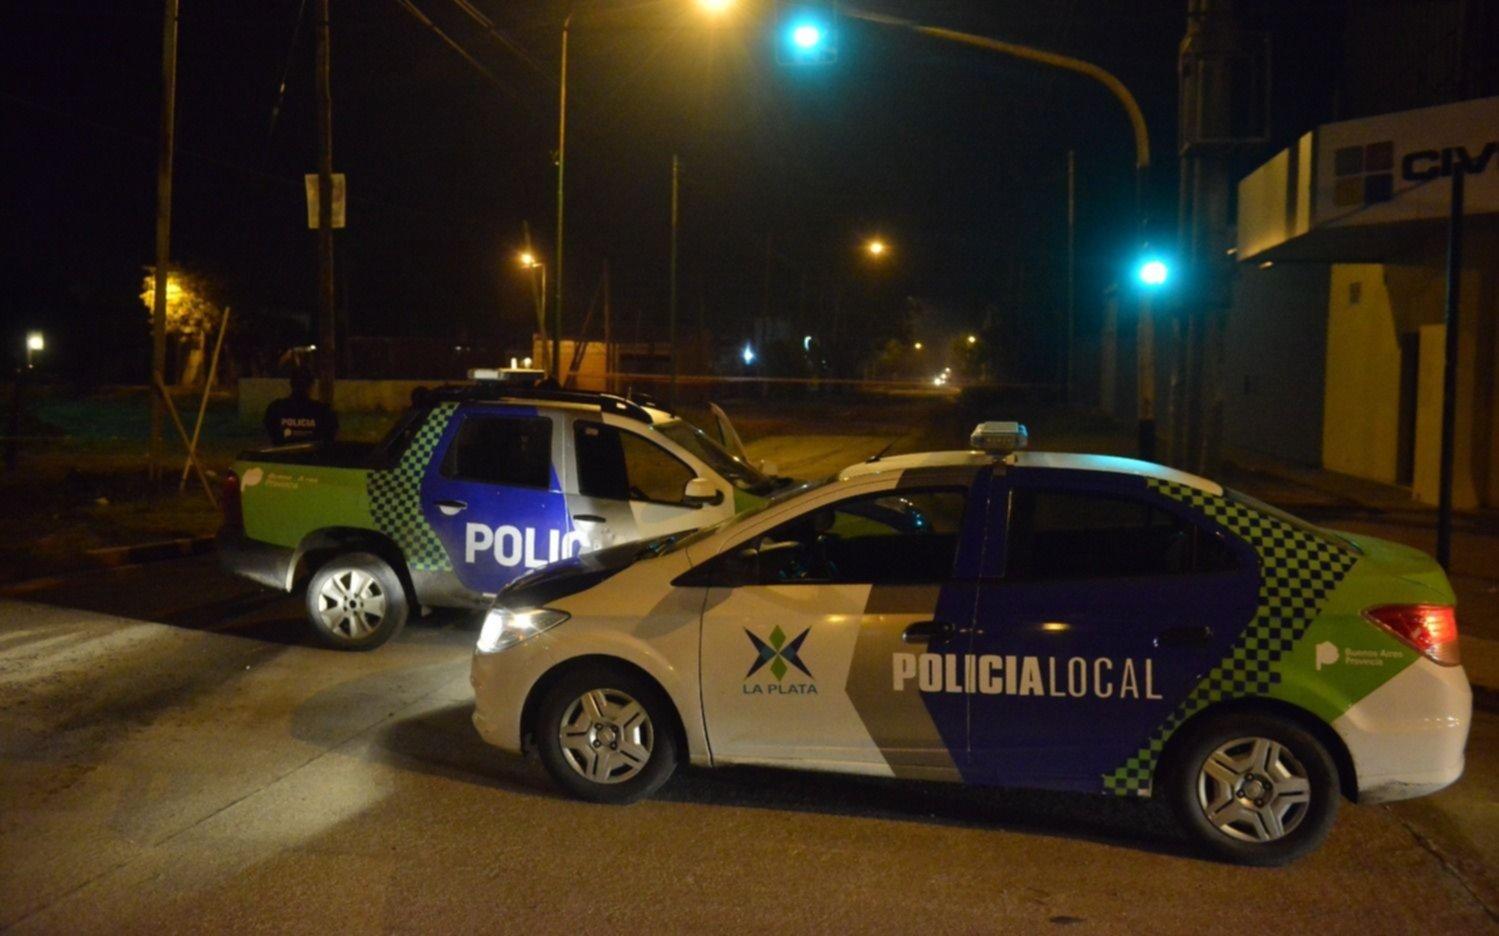 Dos peleas de fin de semana dejaron tres heridos de bala en Aeropuerto y Etcheverry